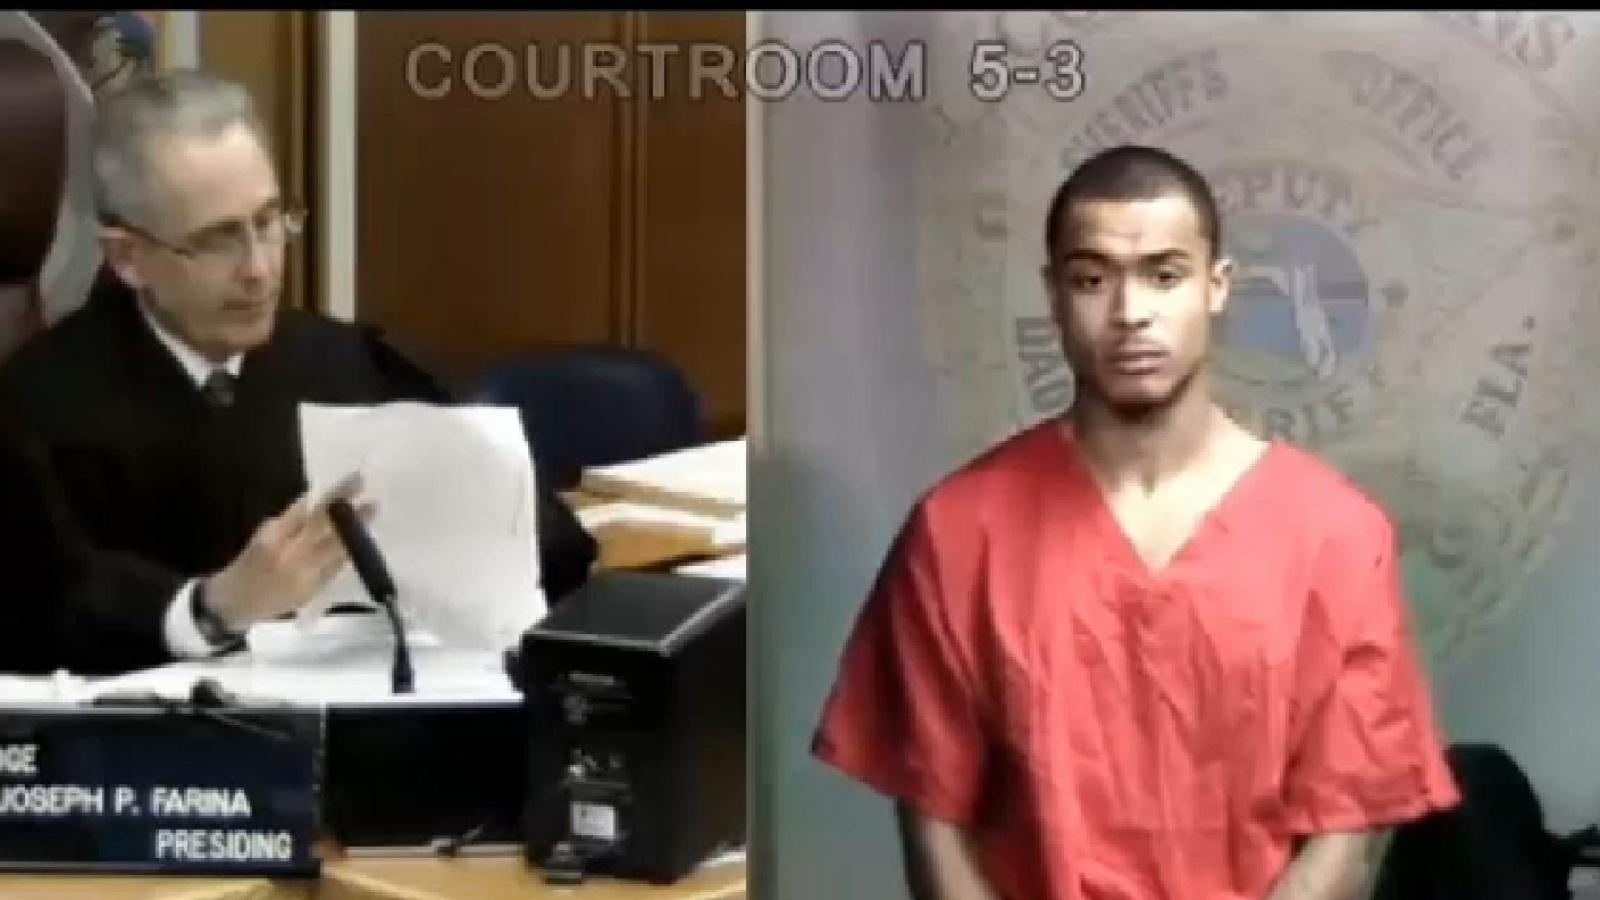 23.jan.2014 - O rapper Crazy Khalil, amigo de Justin Bieber, também compareceu ao tribunal. Ele foi condenado a pagar fiança de US$ 1.000